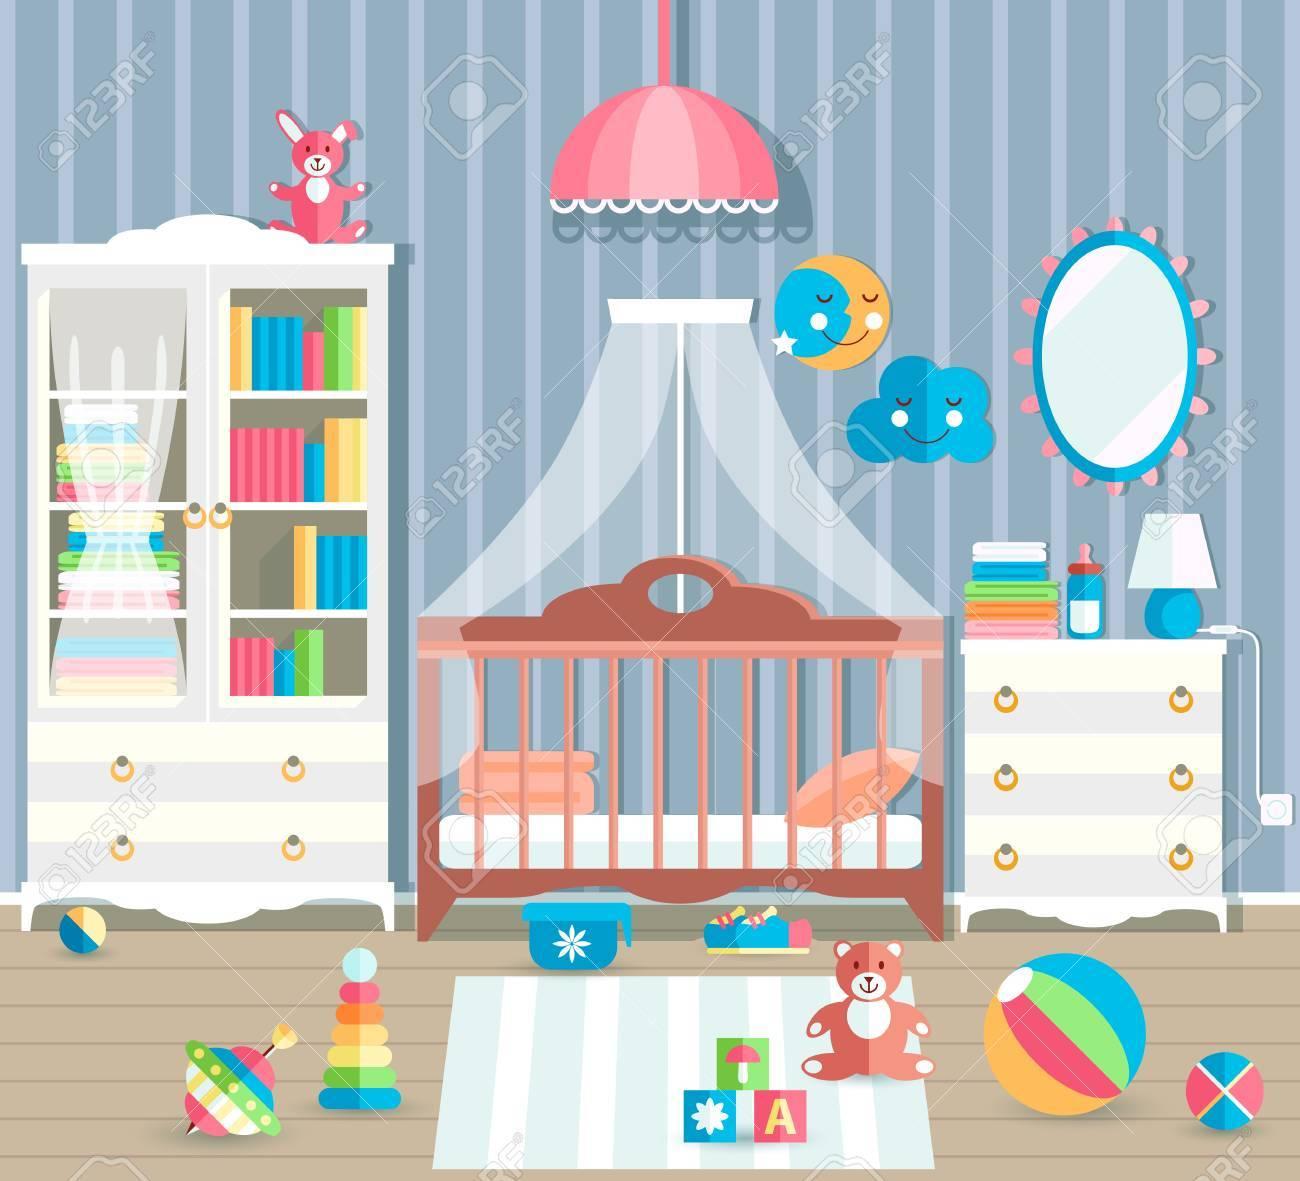 Babyzimmer Mit Mobeln Stilvolle Susse Farben Flache Vektor